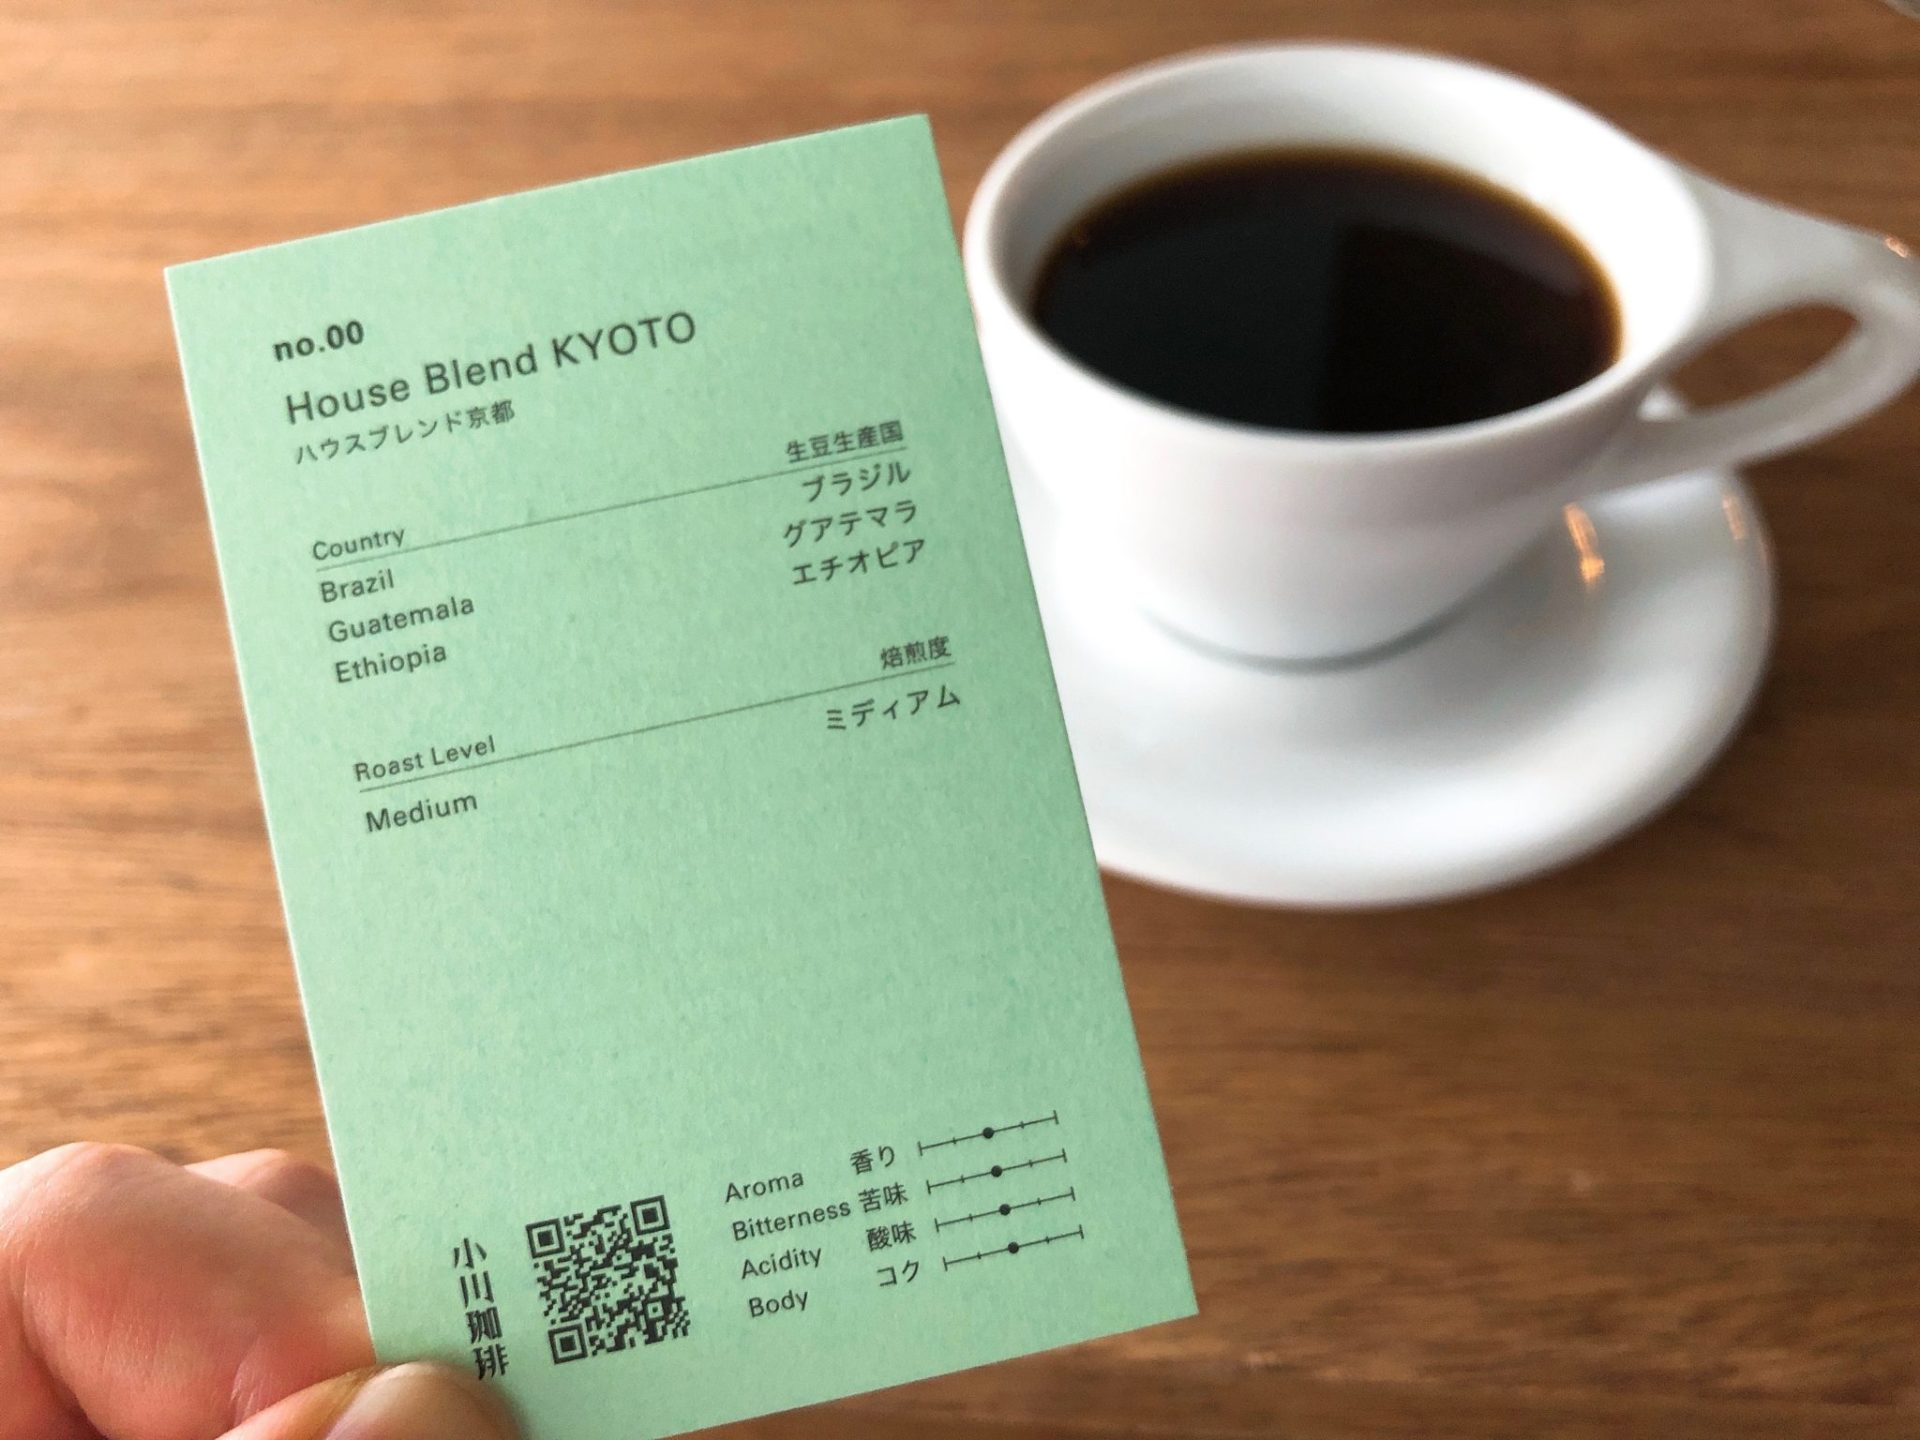 小川珈琲ラボラトリー桜新町のブレンドコーヒー